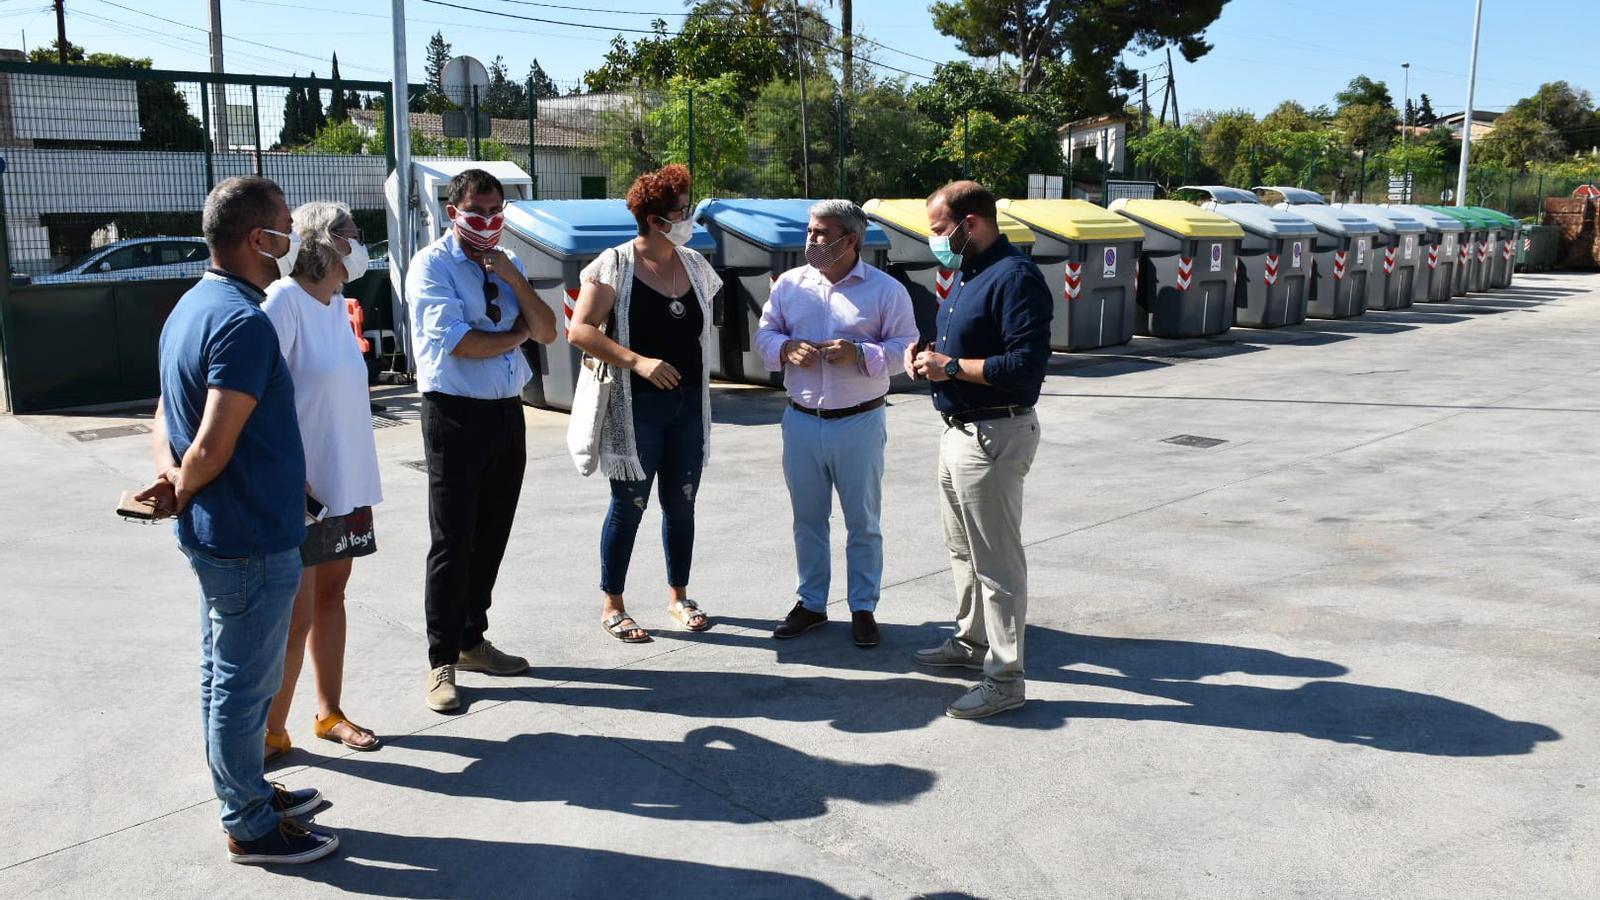 Un moment de la visita institucional a la nova deixalleria.